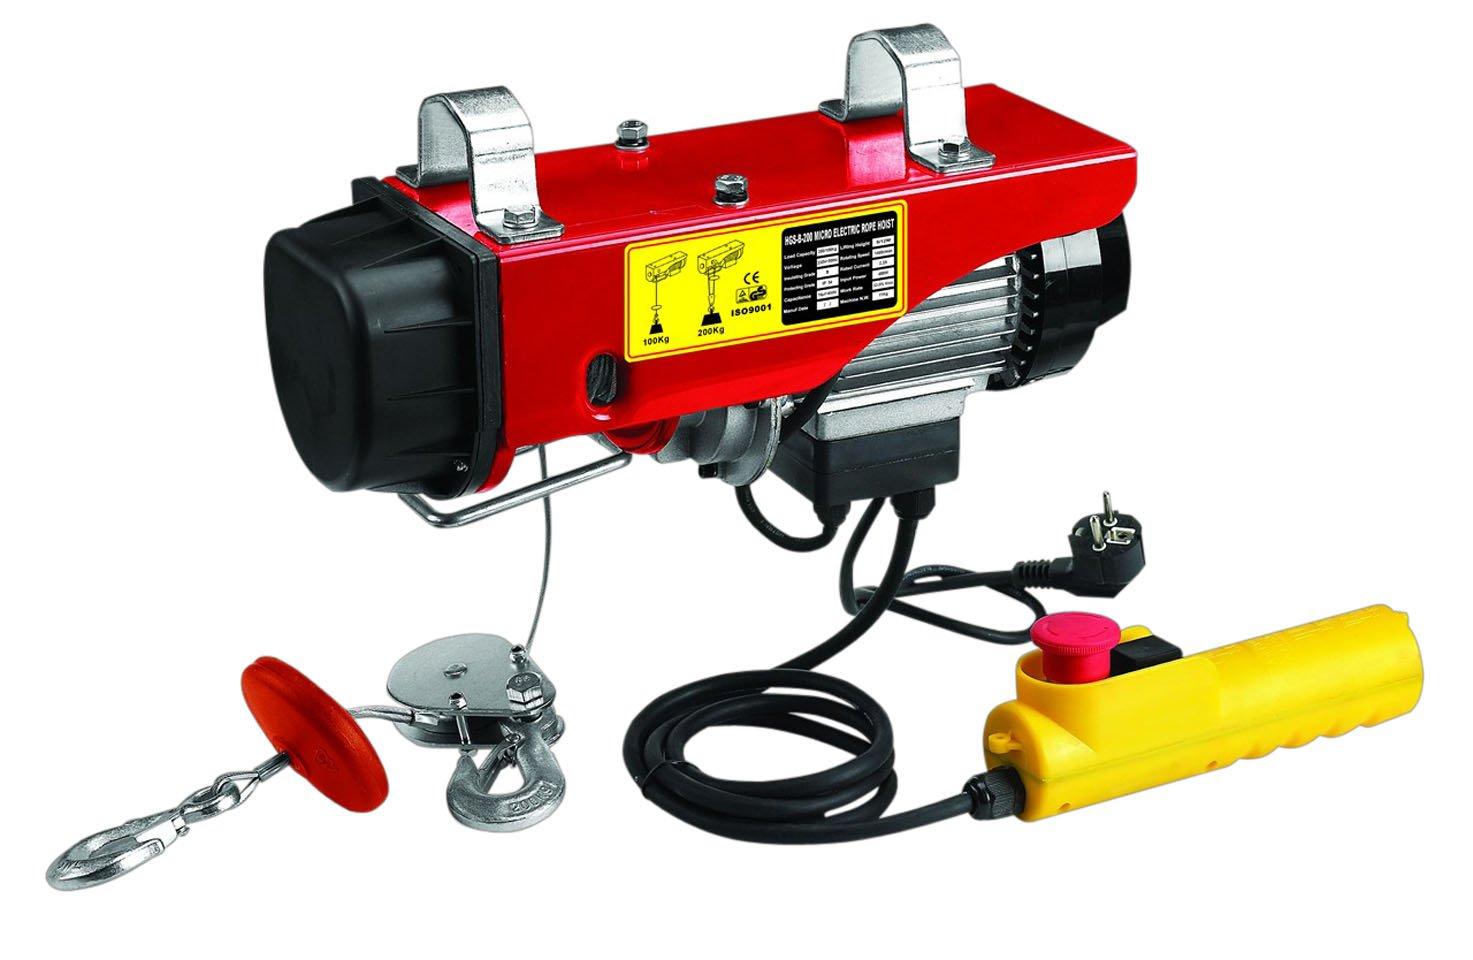 Berger + Schröter 60380 elektrischer Seilhebezug 200/400 kg  BaumarktKundenbewertung und Beschreibung